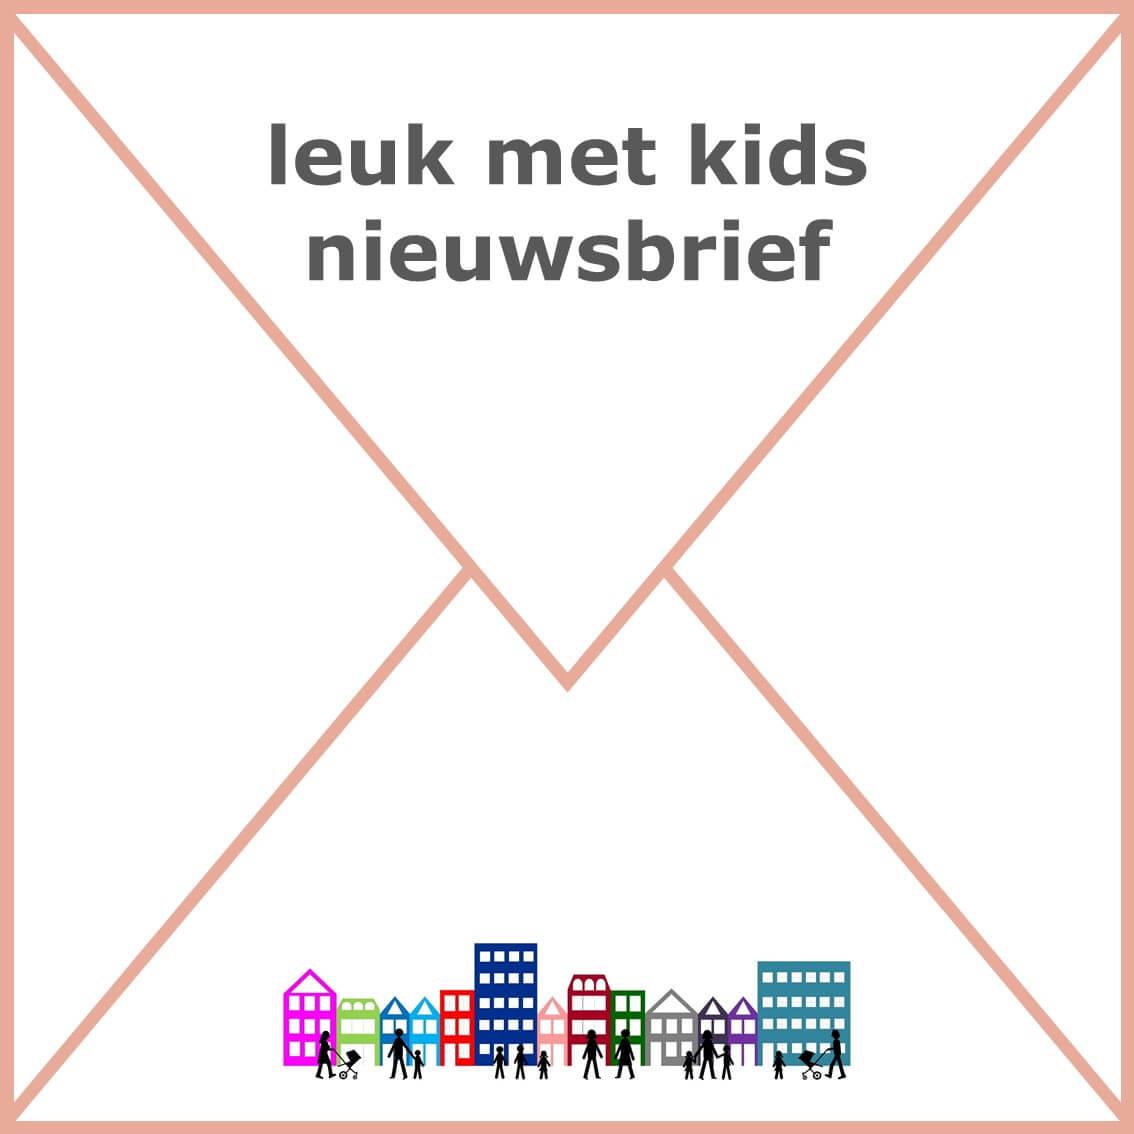 leuk met kids nieuwsbrief